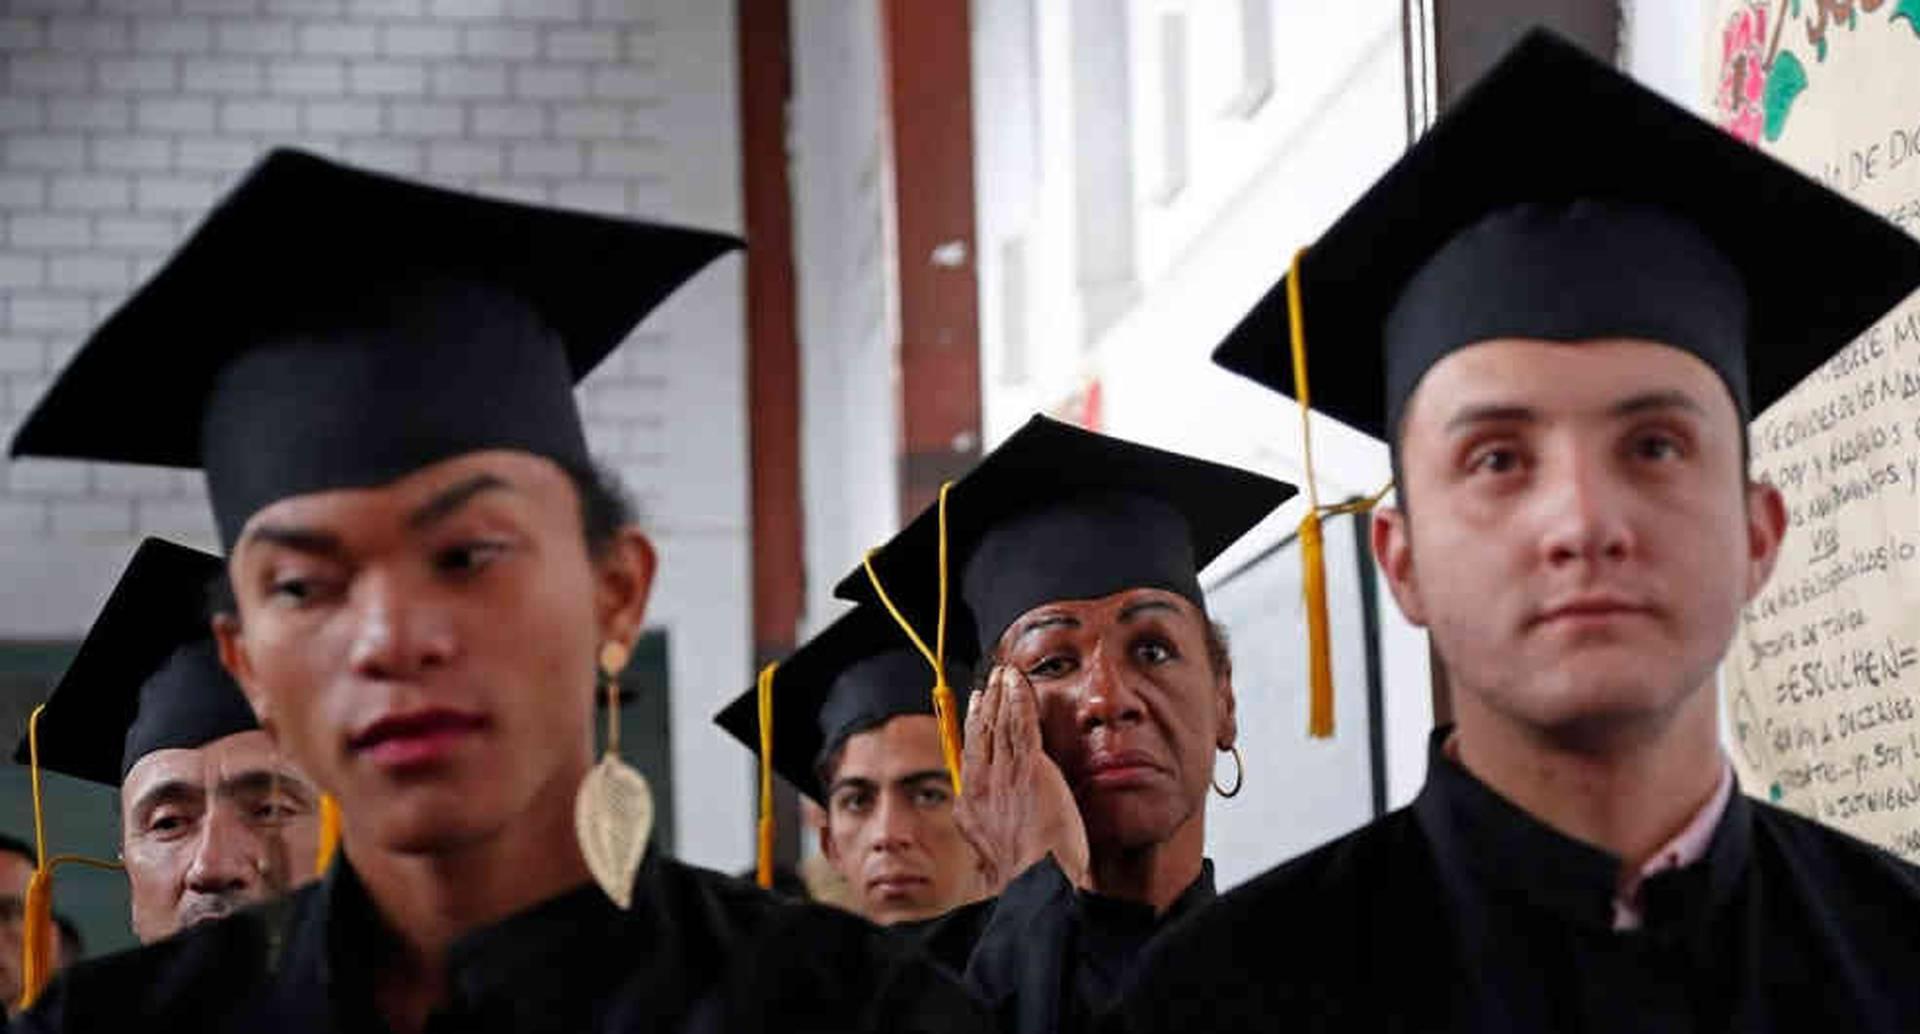 Ulises Medina se conmueve durante el discurso de graduación. Foto: León Darío Peláez/ SEMANA